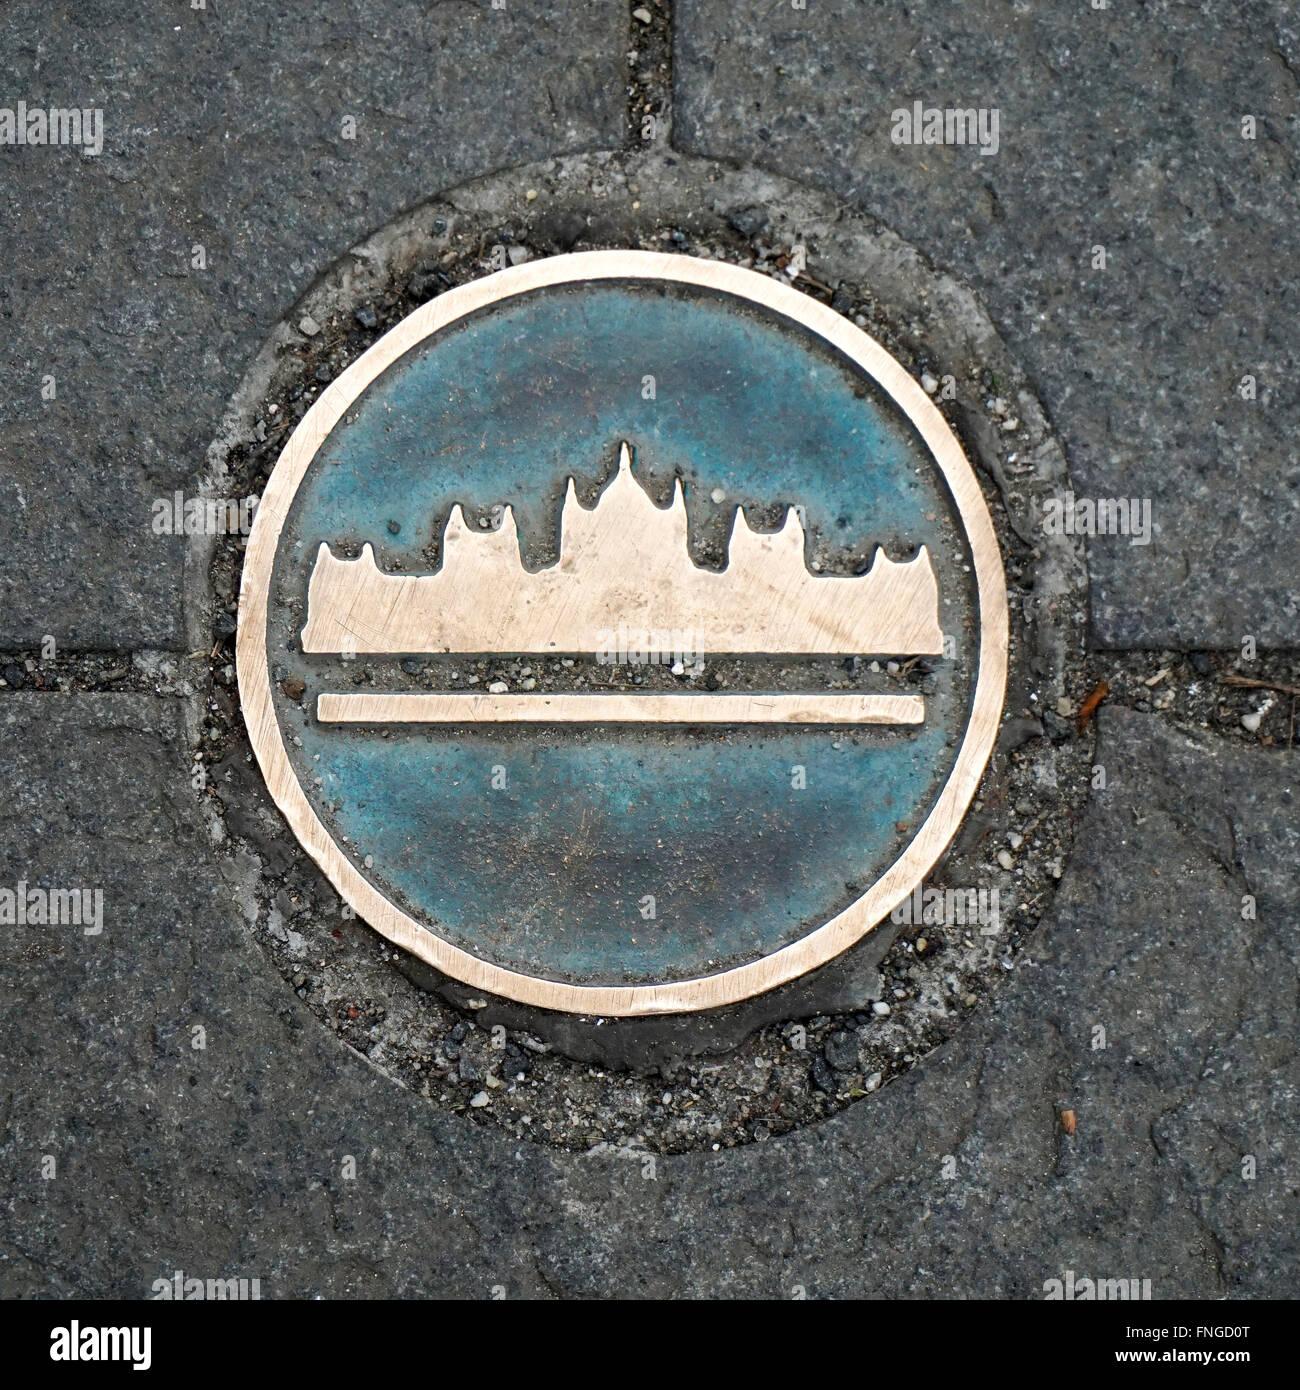 Budapest, Hungary manhole cover - Stock Image